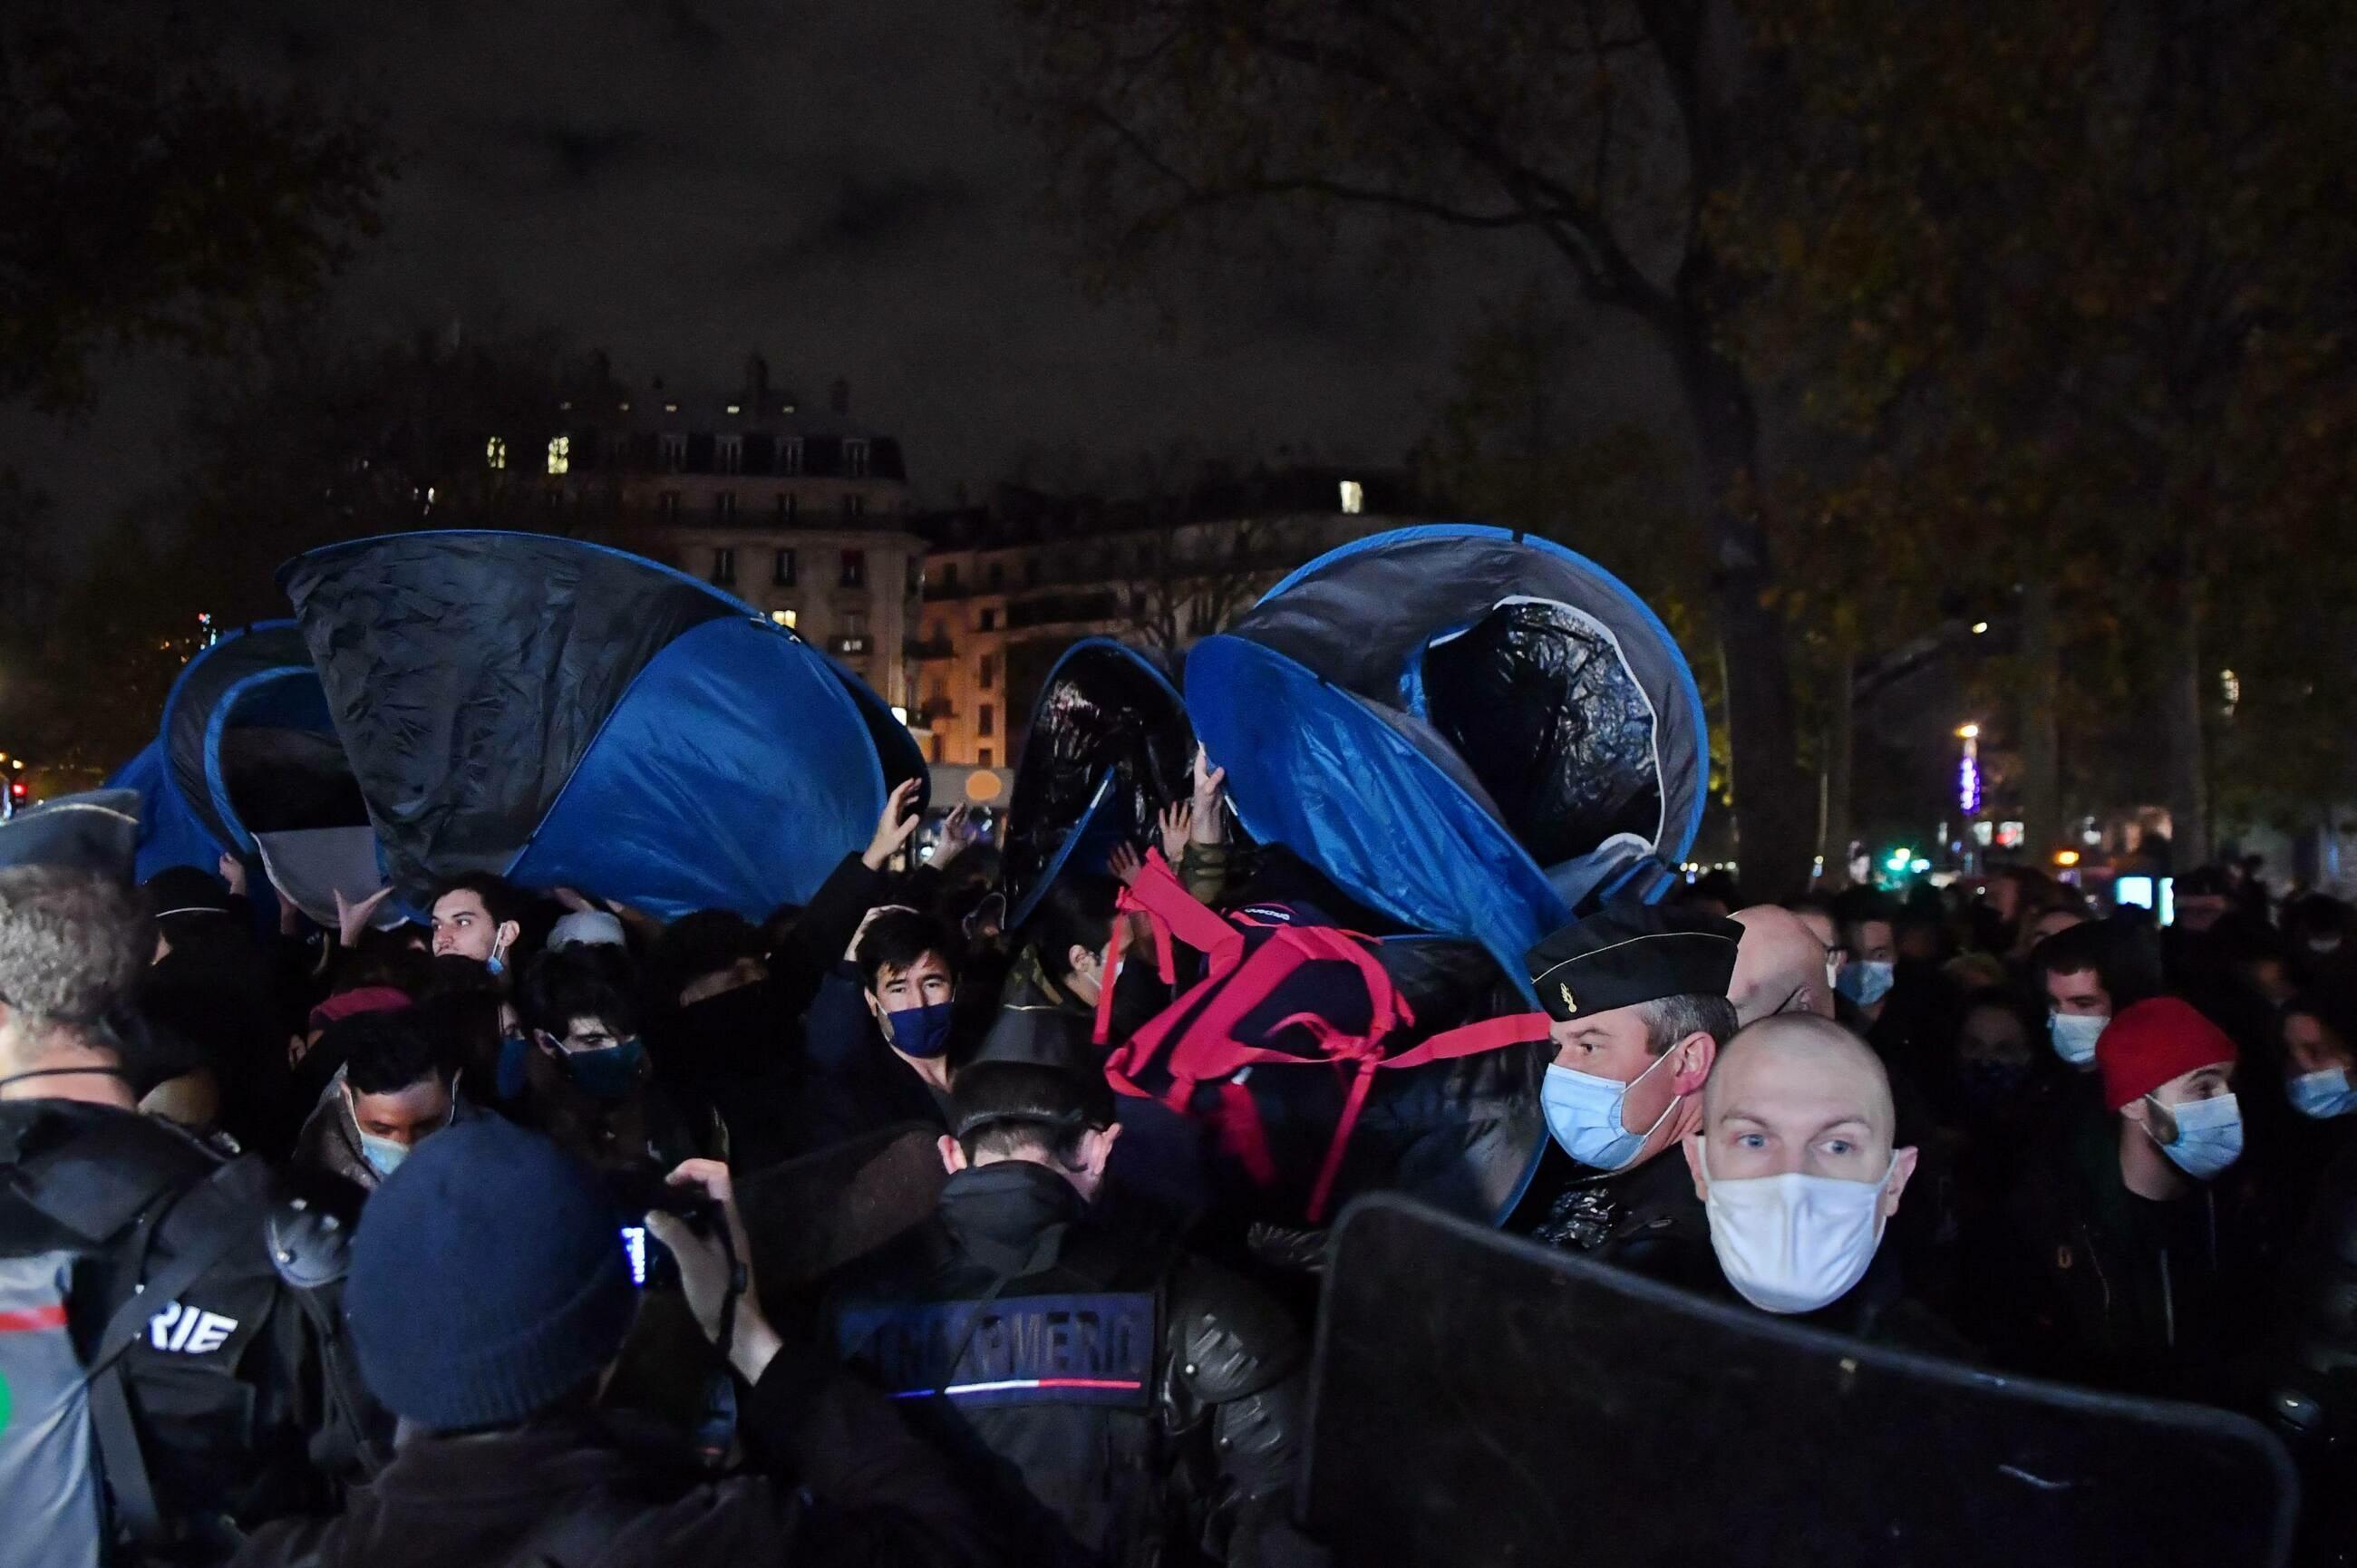 Likwidacja obozowiska w Paryżu